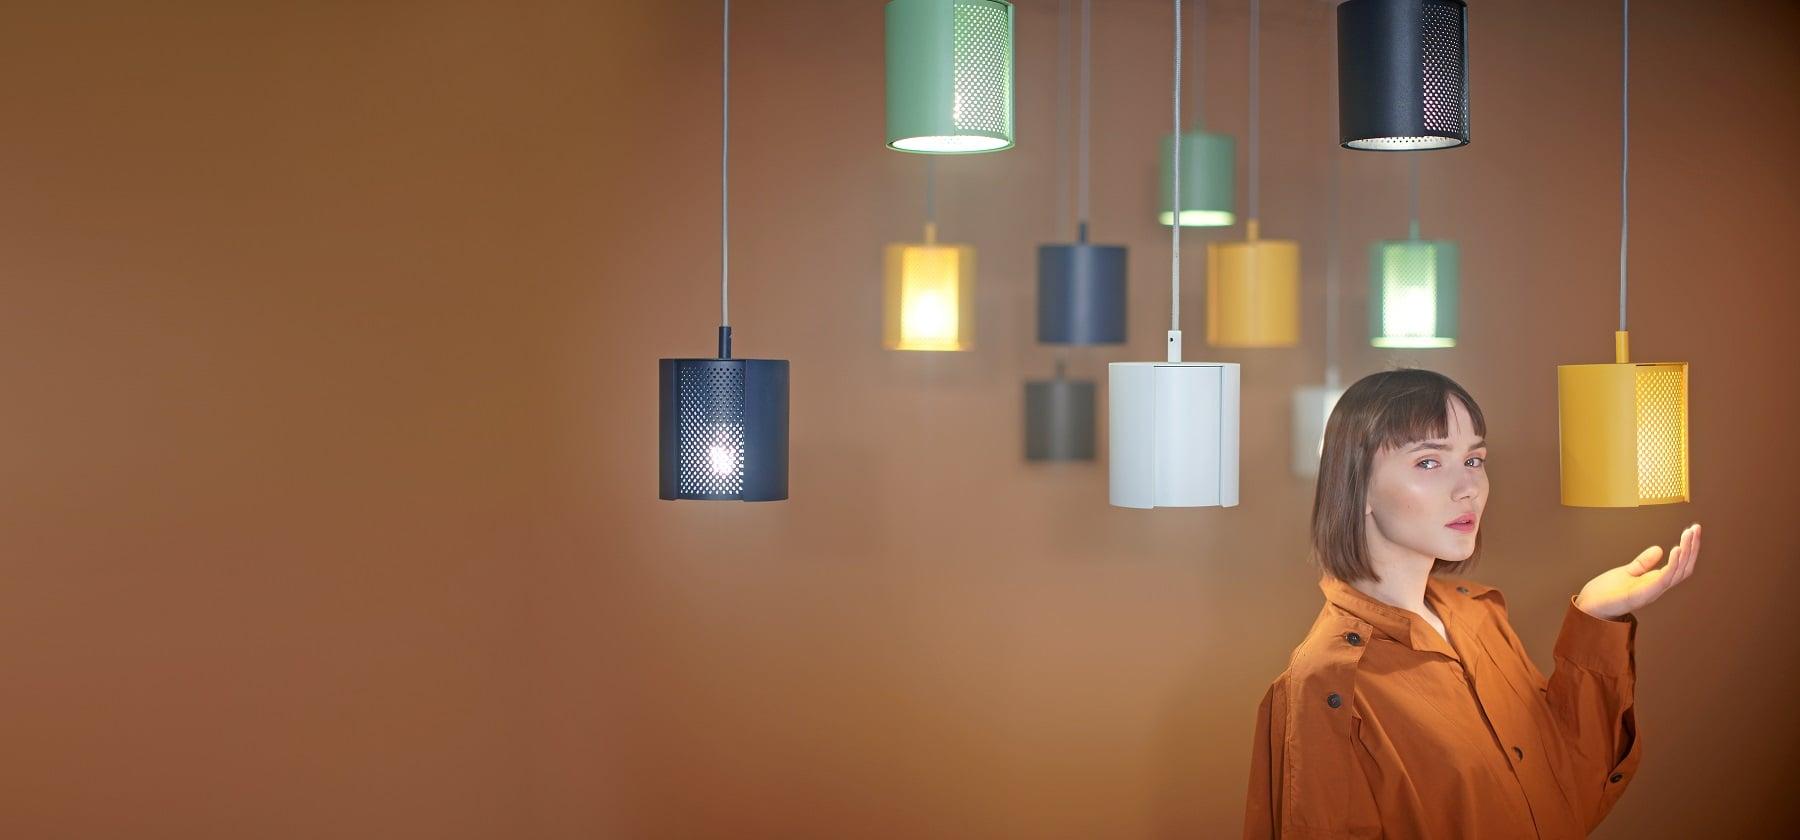 Lampy punktowe ogen w różnych kolorach z modelką